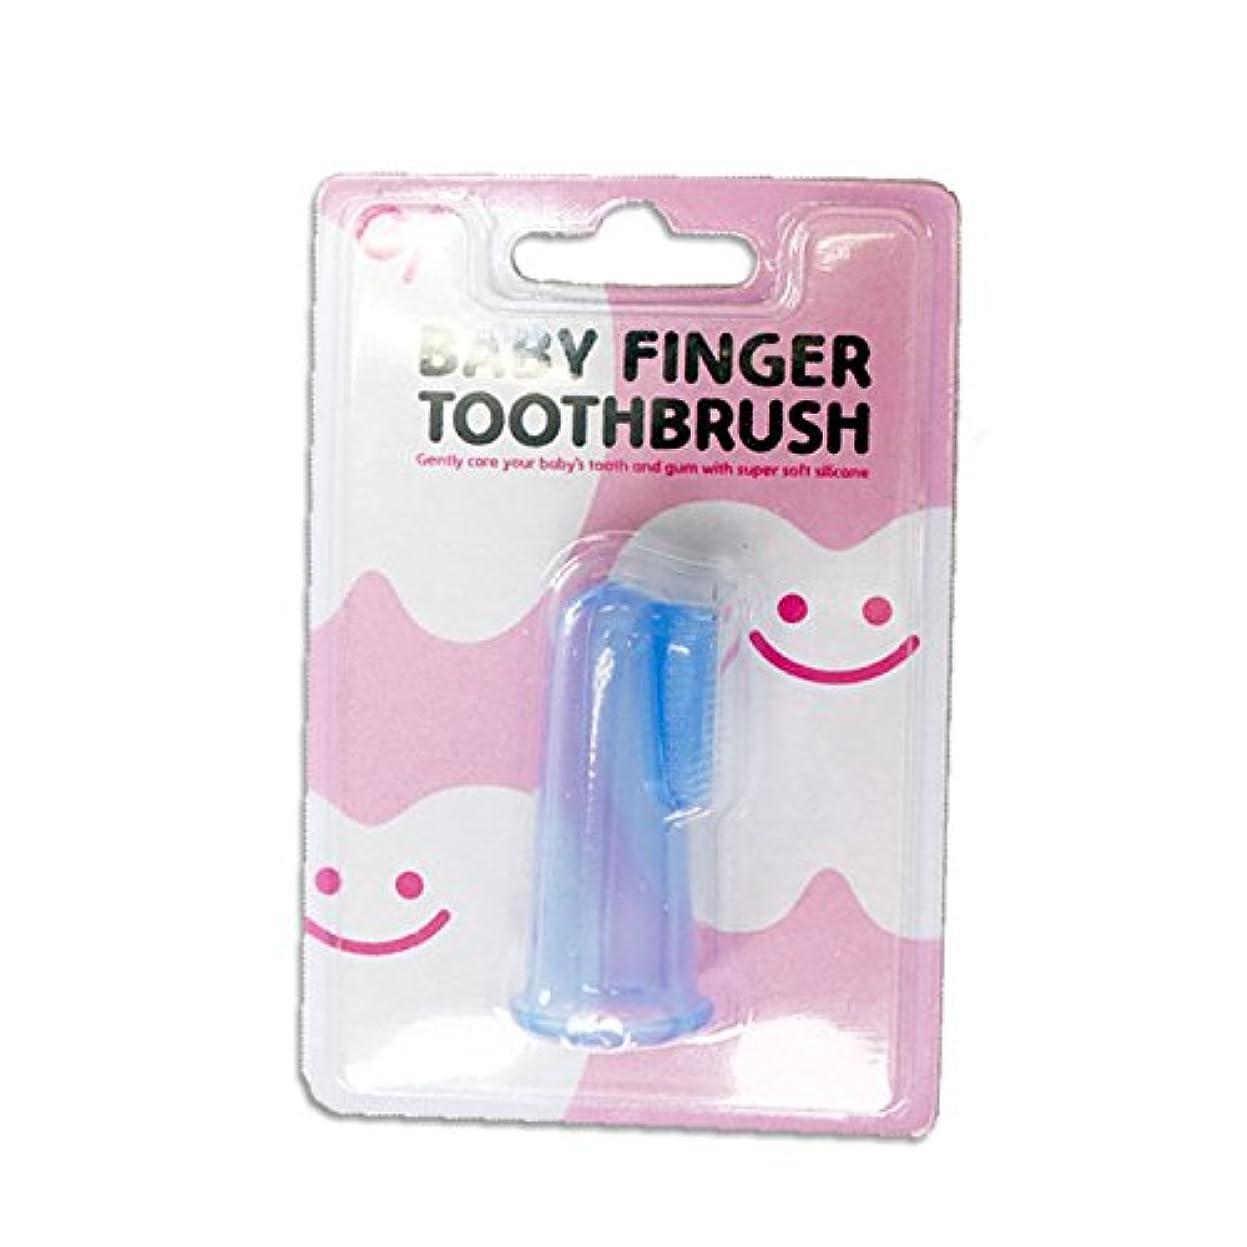 破壊するアクセスできない誇張するベビーフィンガートゥースブラッシュ ベビーフィンガー歯ブラシ 12個入り BABY FINGER TOOTHBRUSH